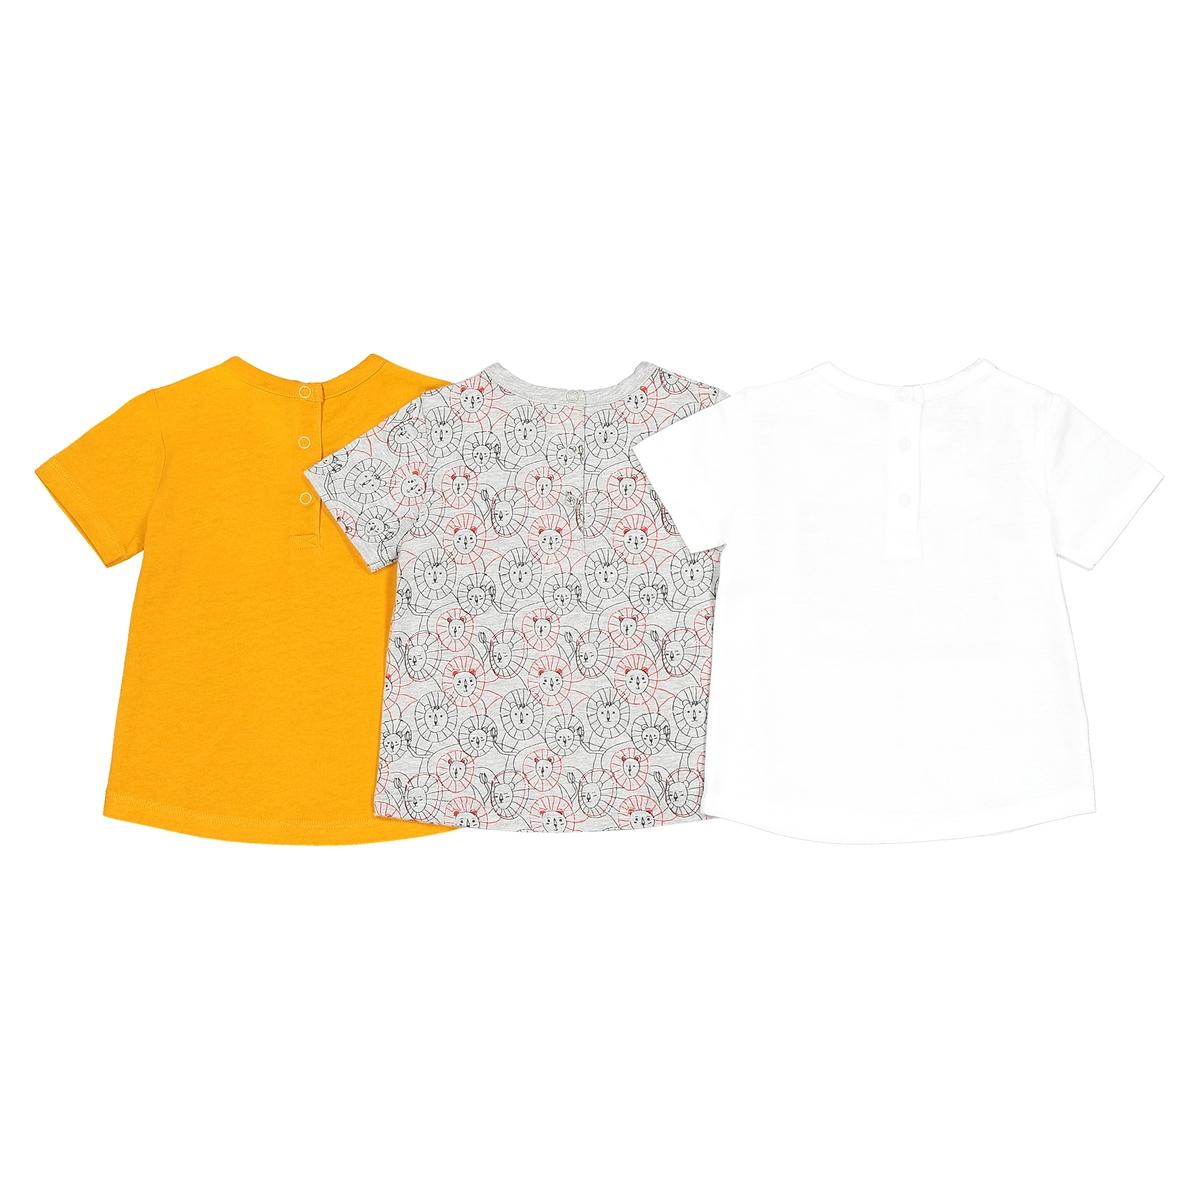 Футболки La Redoute С длинными рукавами мес - года 2 года - 86 см разноцветный футболки la redoute с длинными рукавами мес года 2 года 86 см разноцветный